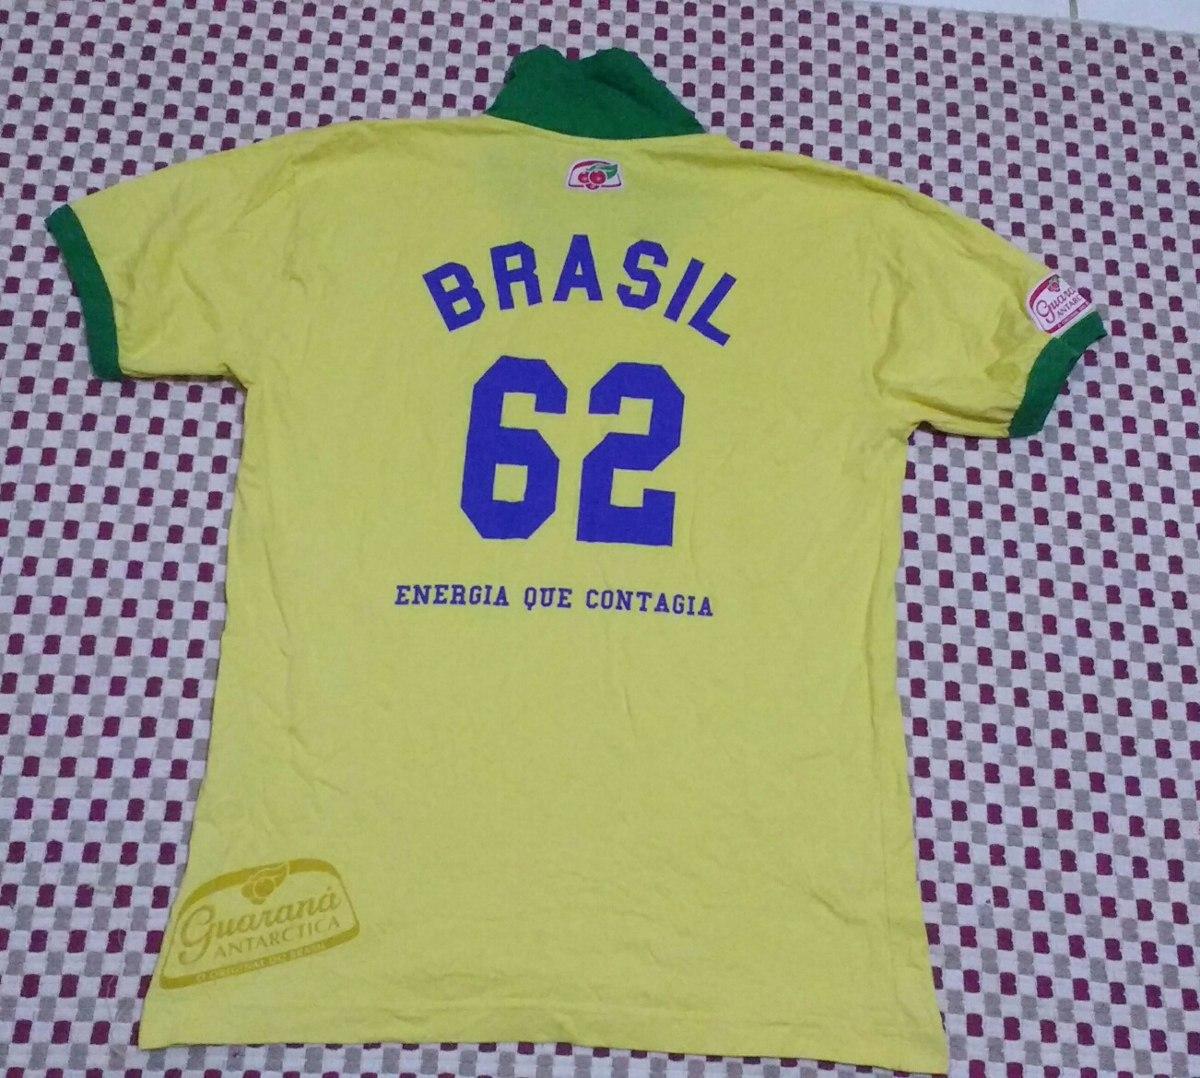 96f8d78e9 camisa da seleção brasileira 1962 retro amarela. Carregando zoom.